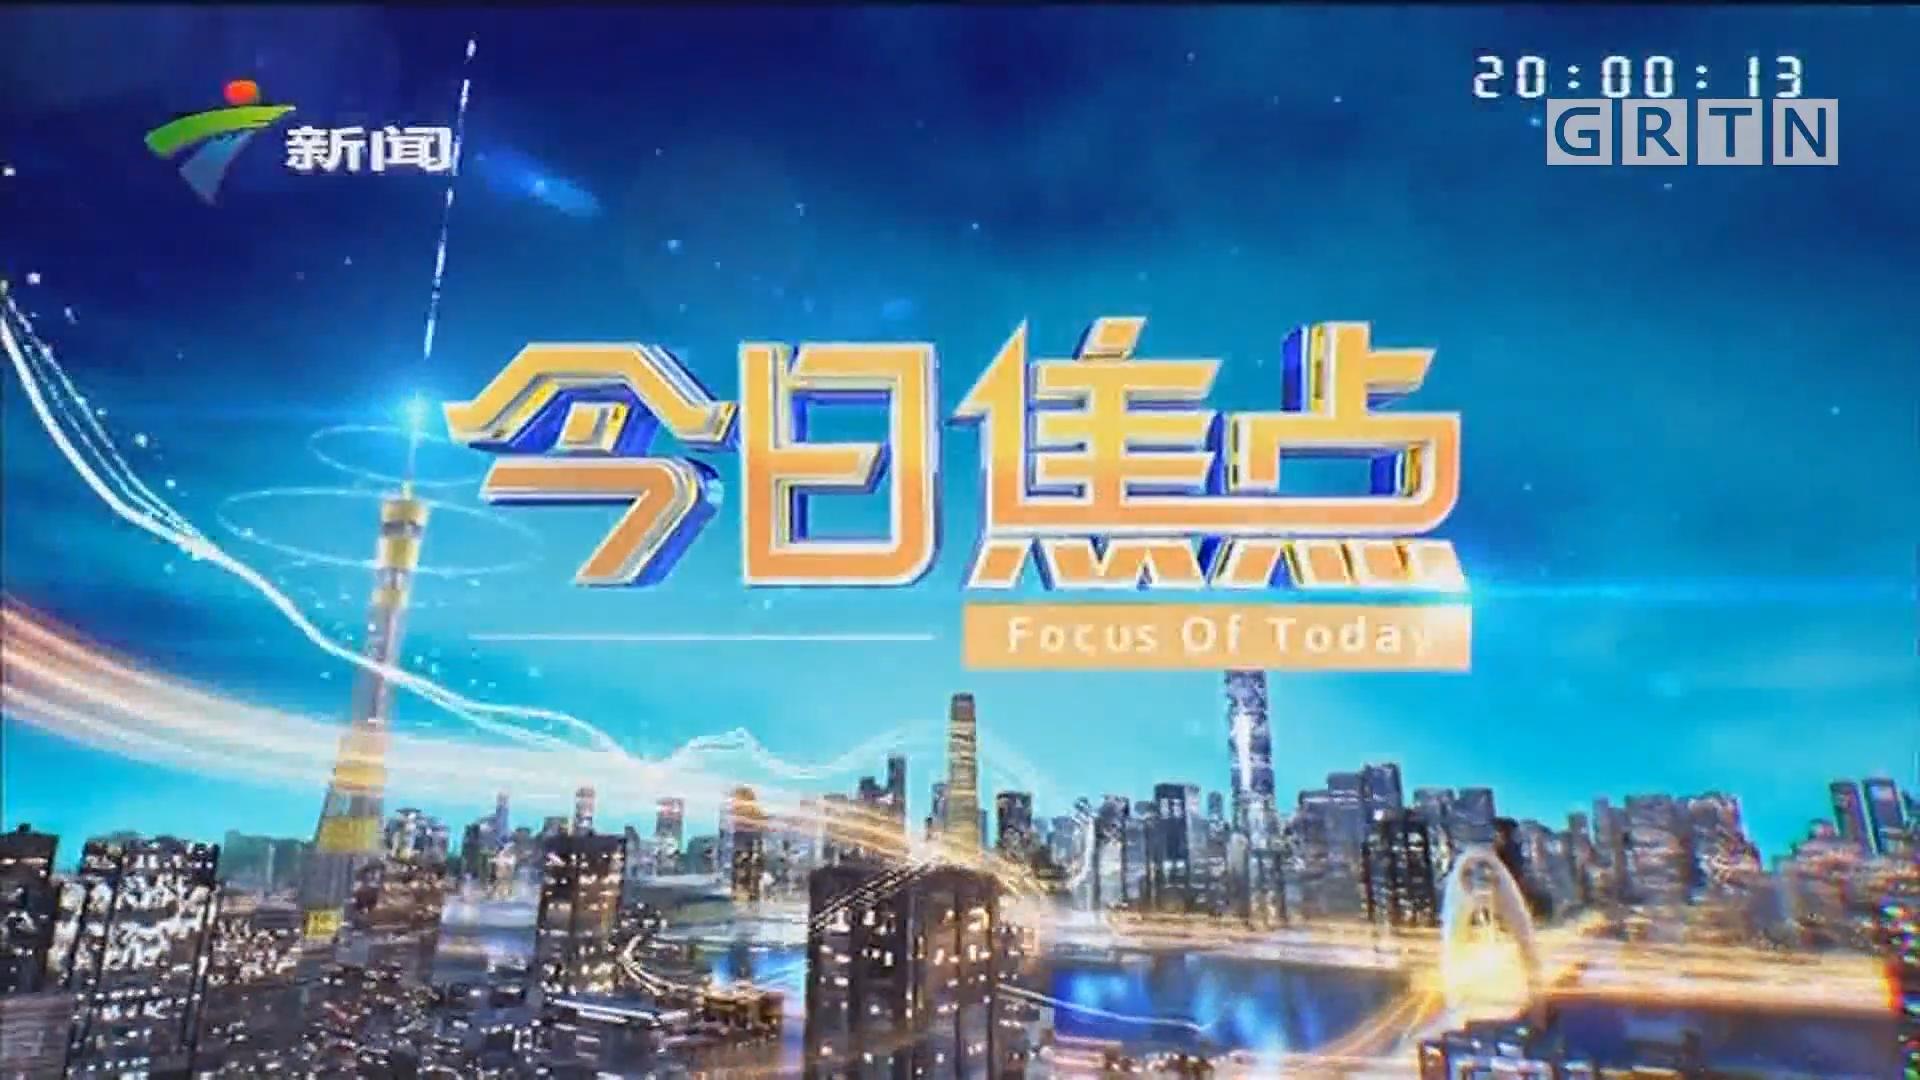 [HD][2019-10-16]今日焦点:严查冻品走私:广州海警查获涉嫌走私冻品1000余吨